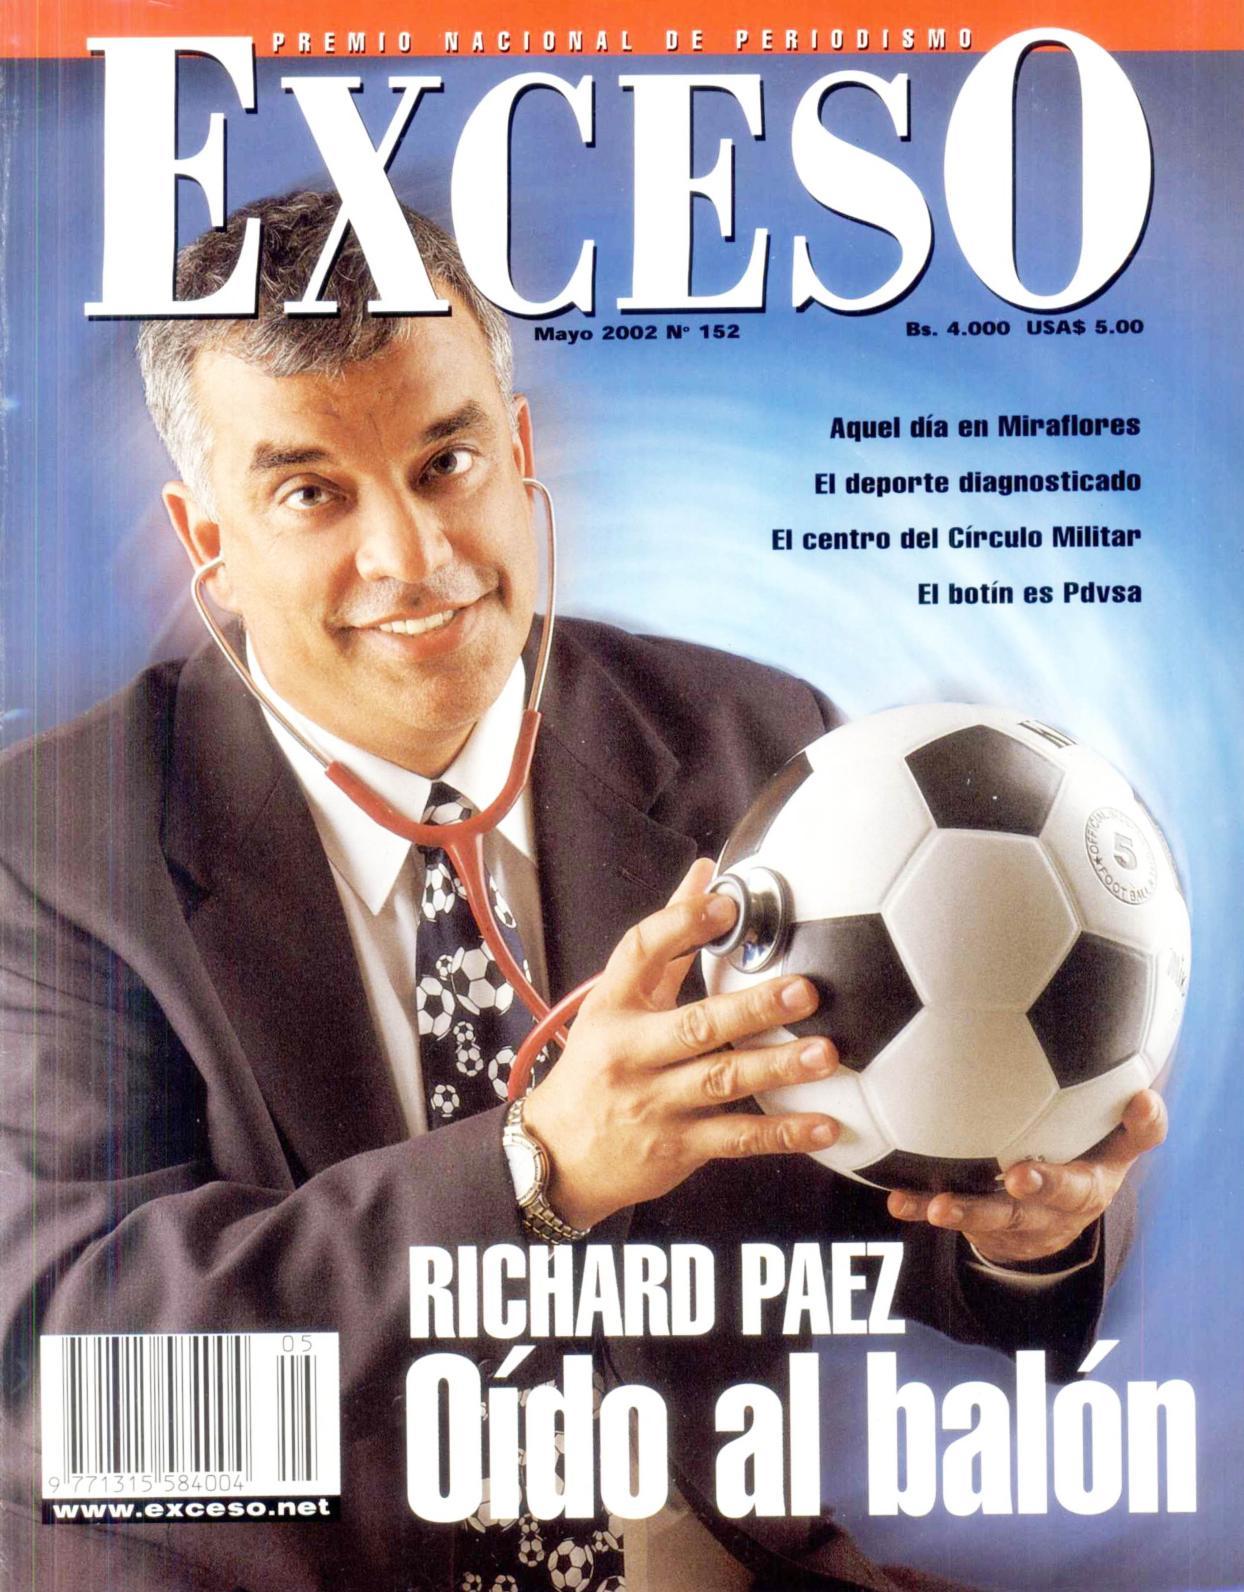 152 Nº Edición Calaméo Mayo 2002 Revista Exceso SzpGLUMqjV